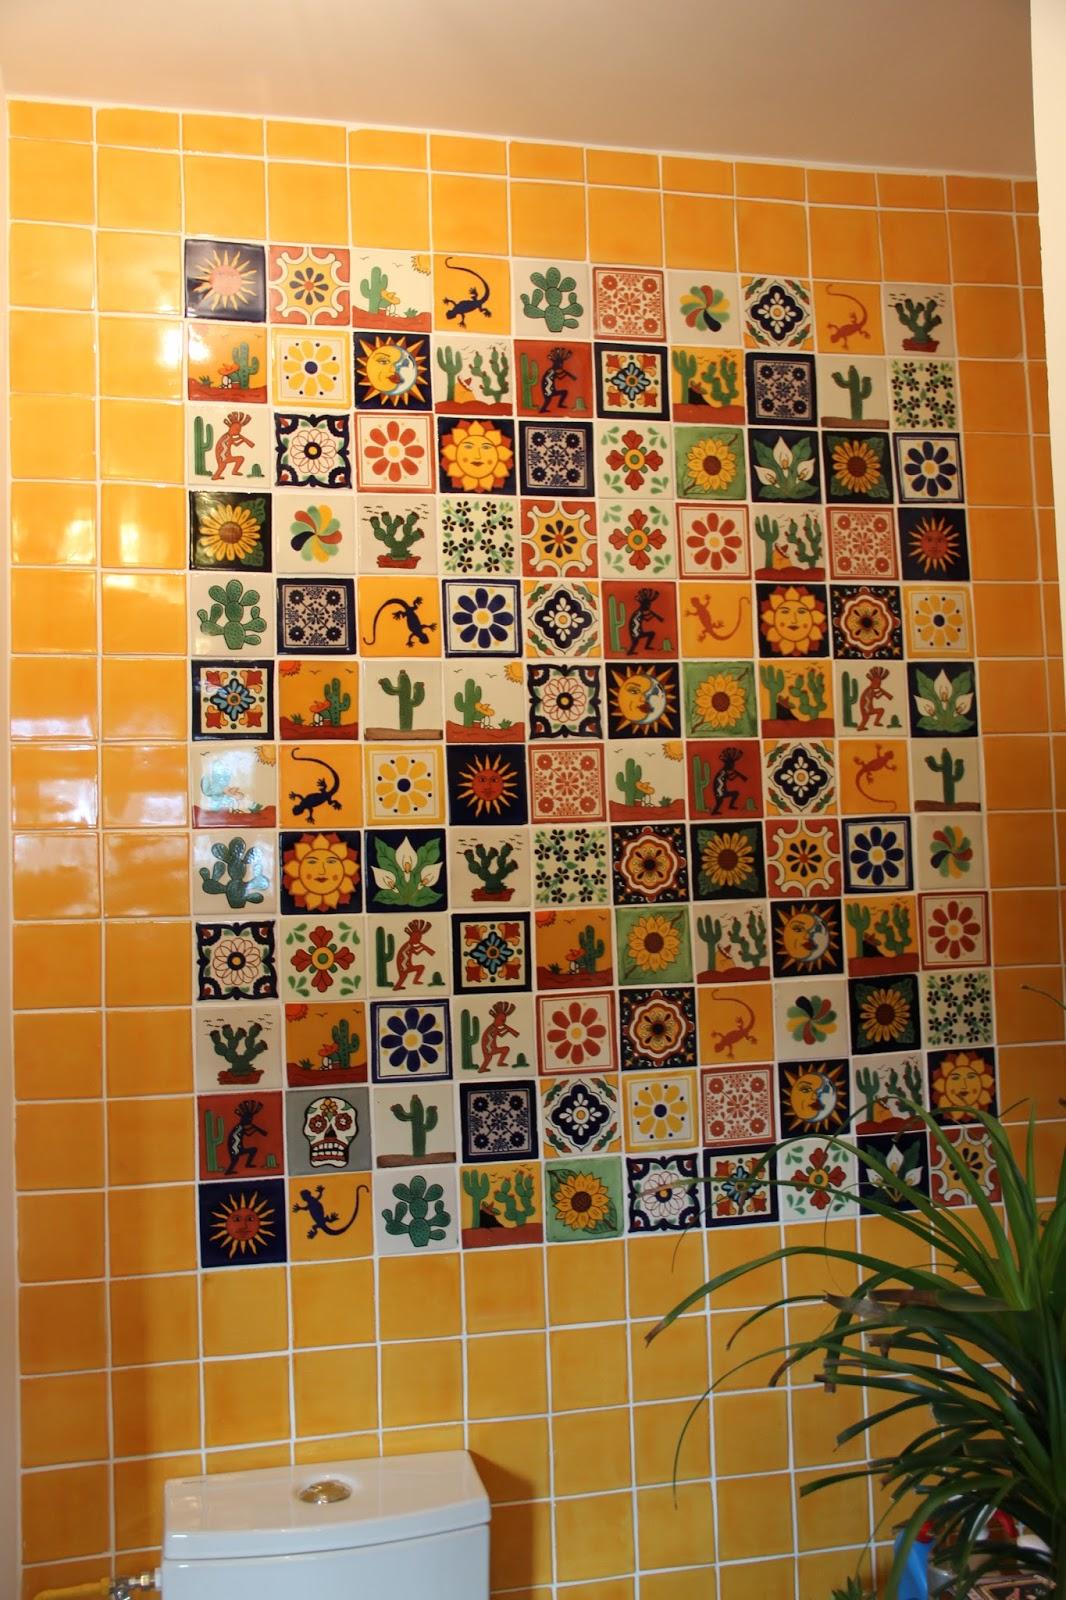 amadera meuble et d coration le charme thique du mexique authentique azulejos mexicains